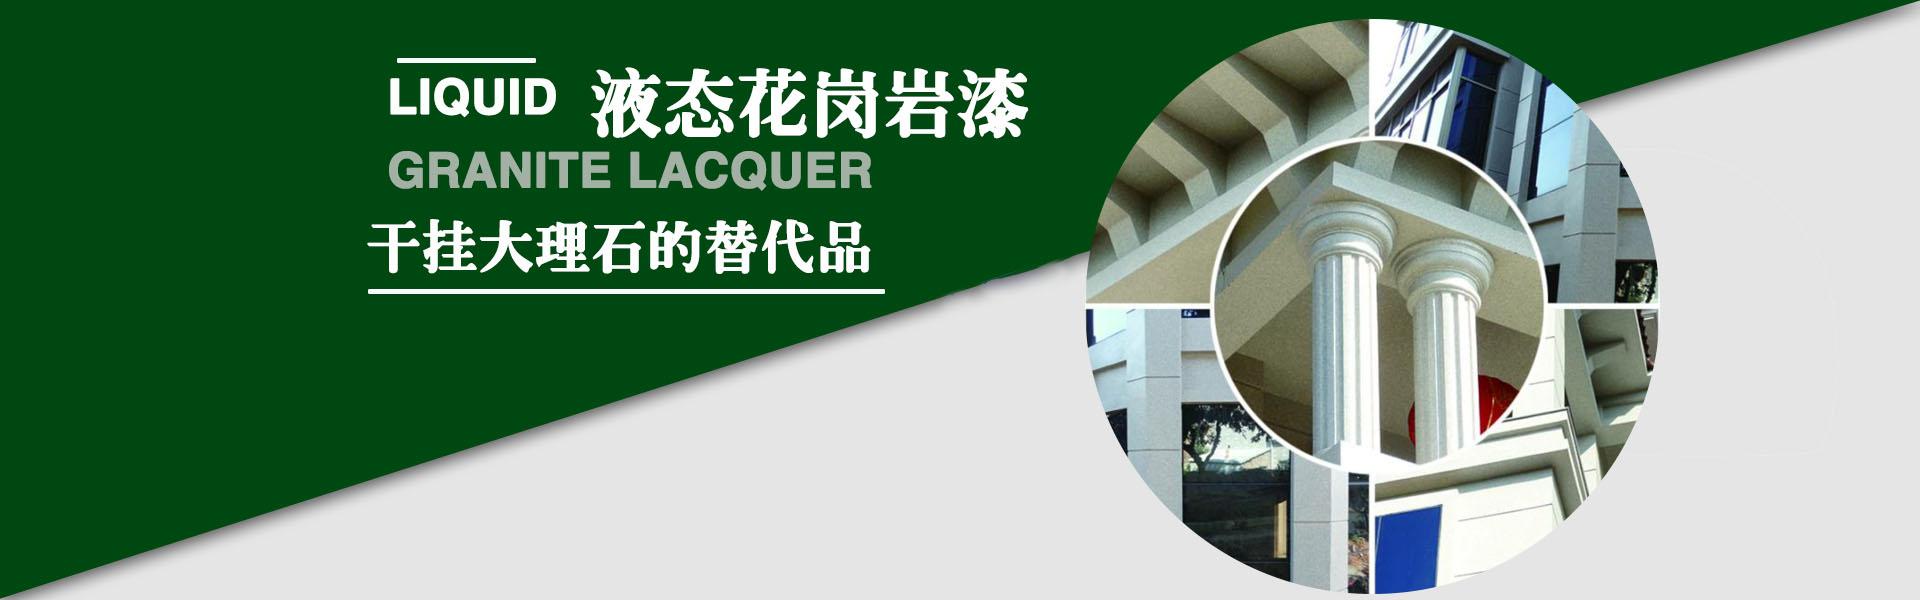 澳门新萄京官方网站